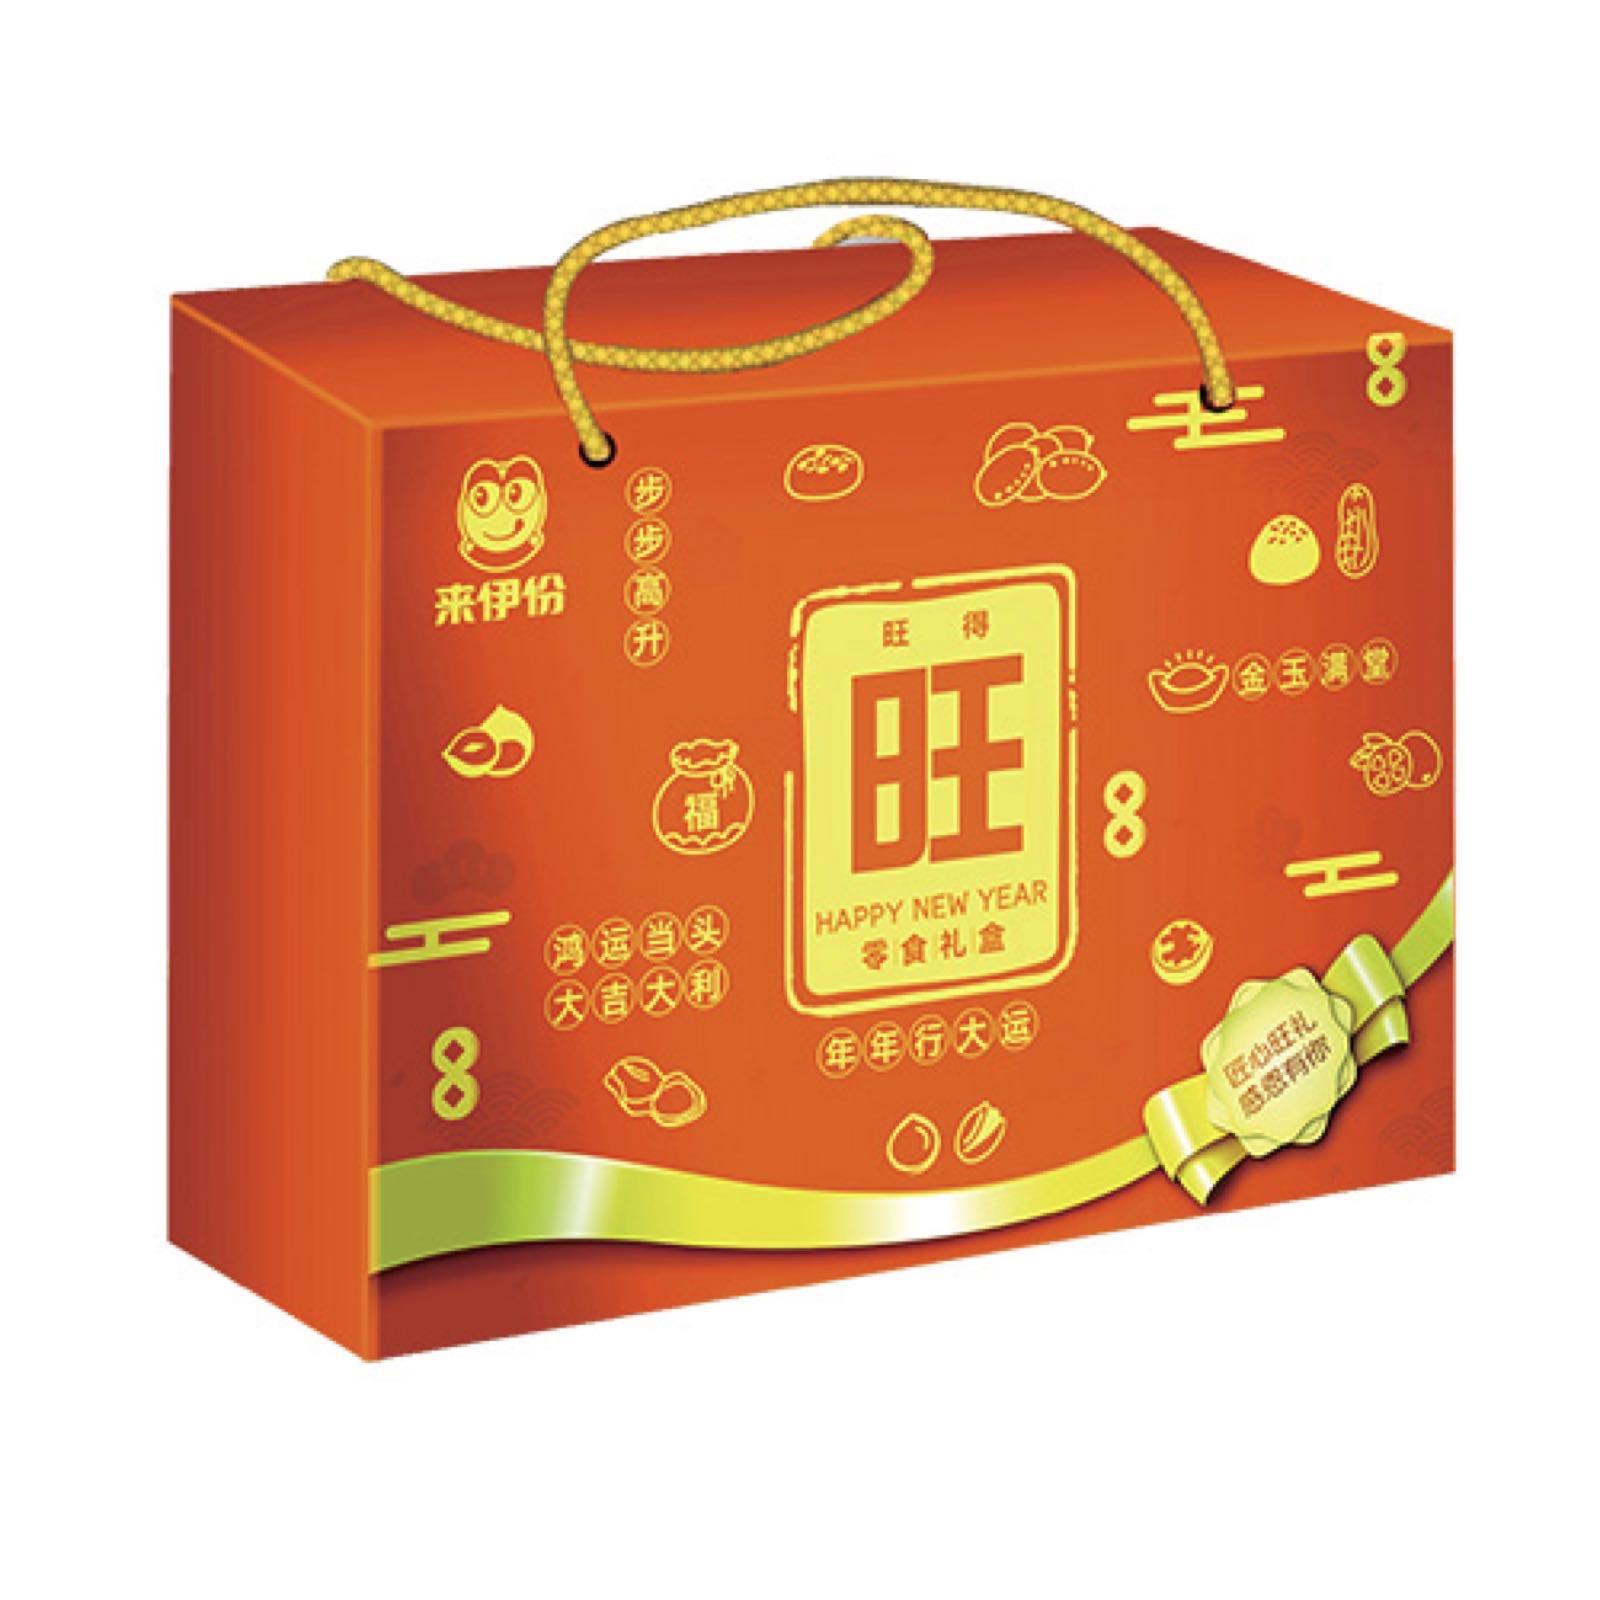 来伊份2019年春节礼盒(旺)